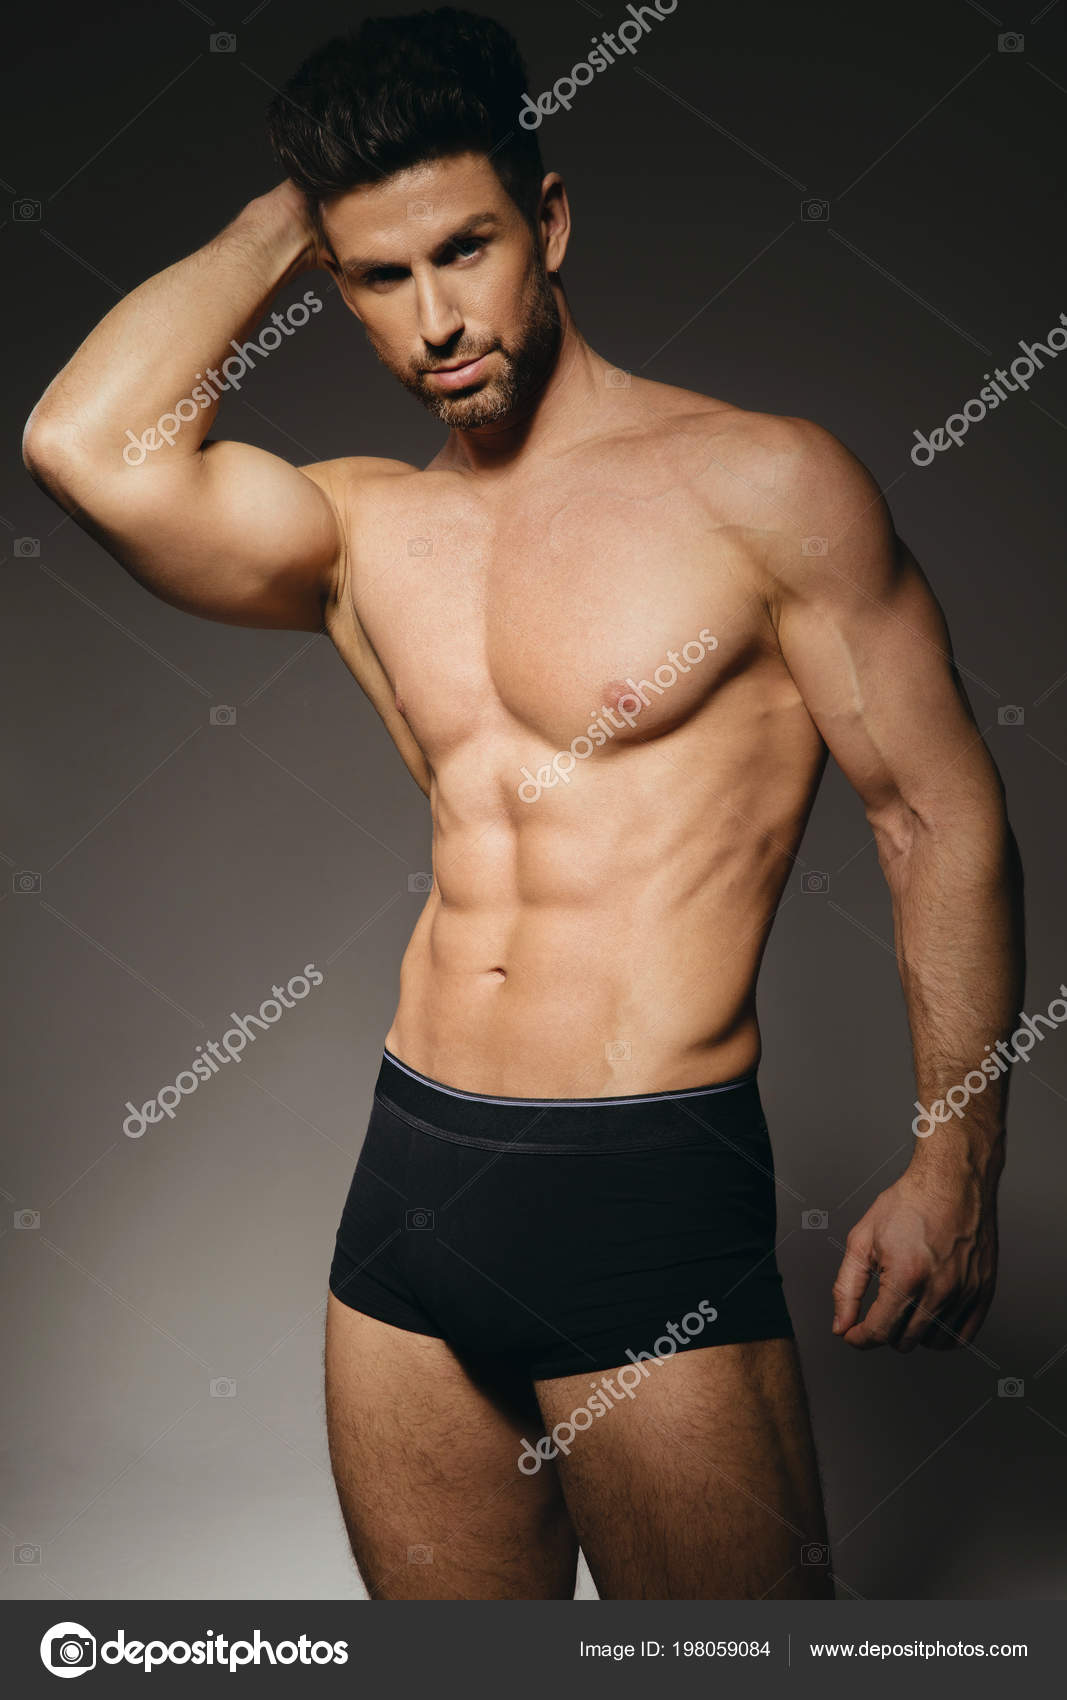 972a0247a4 Hombre Modelo Ropa Interior Sexy Sobre Fondo Gris — Foto de Stock